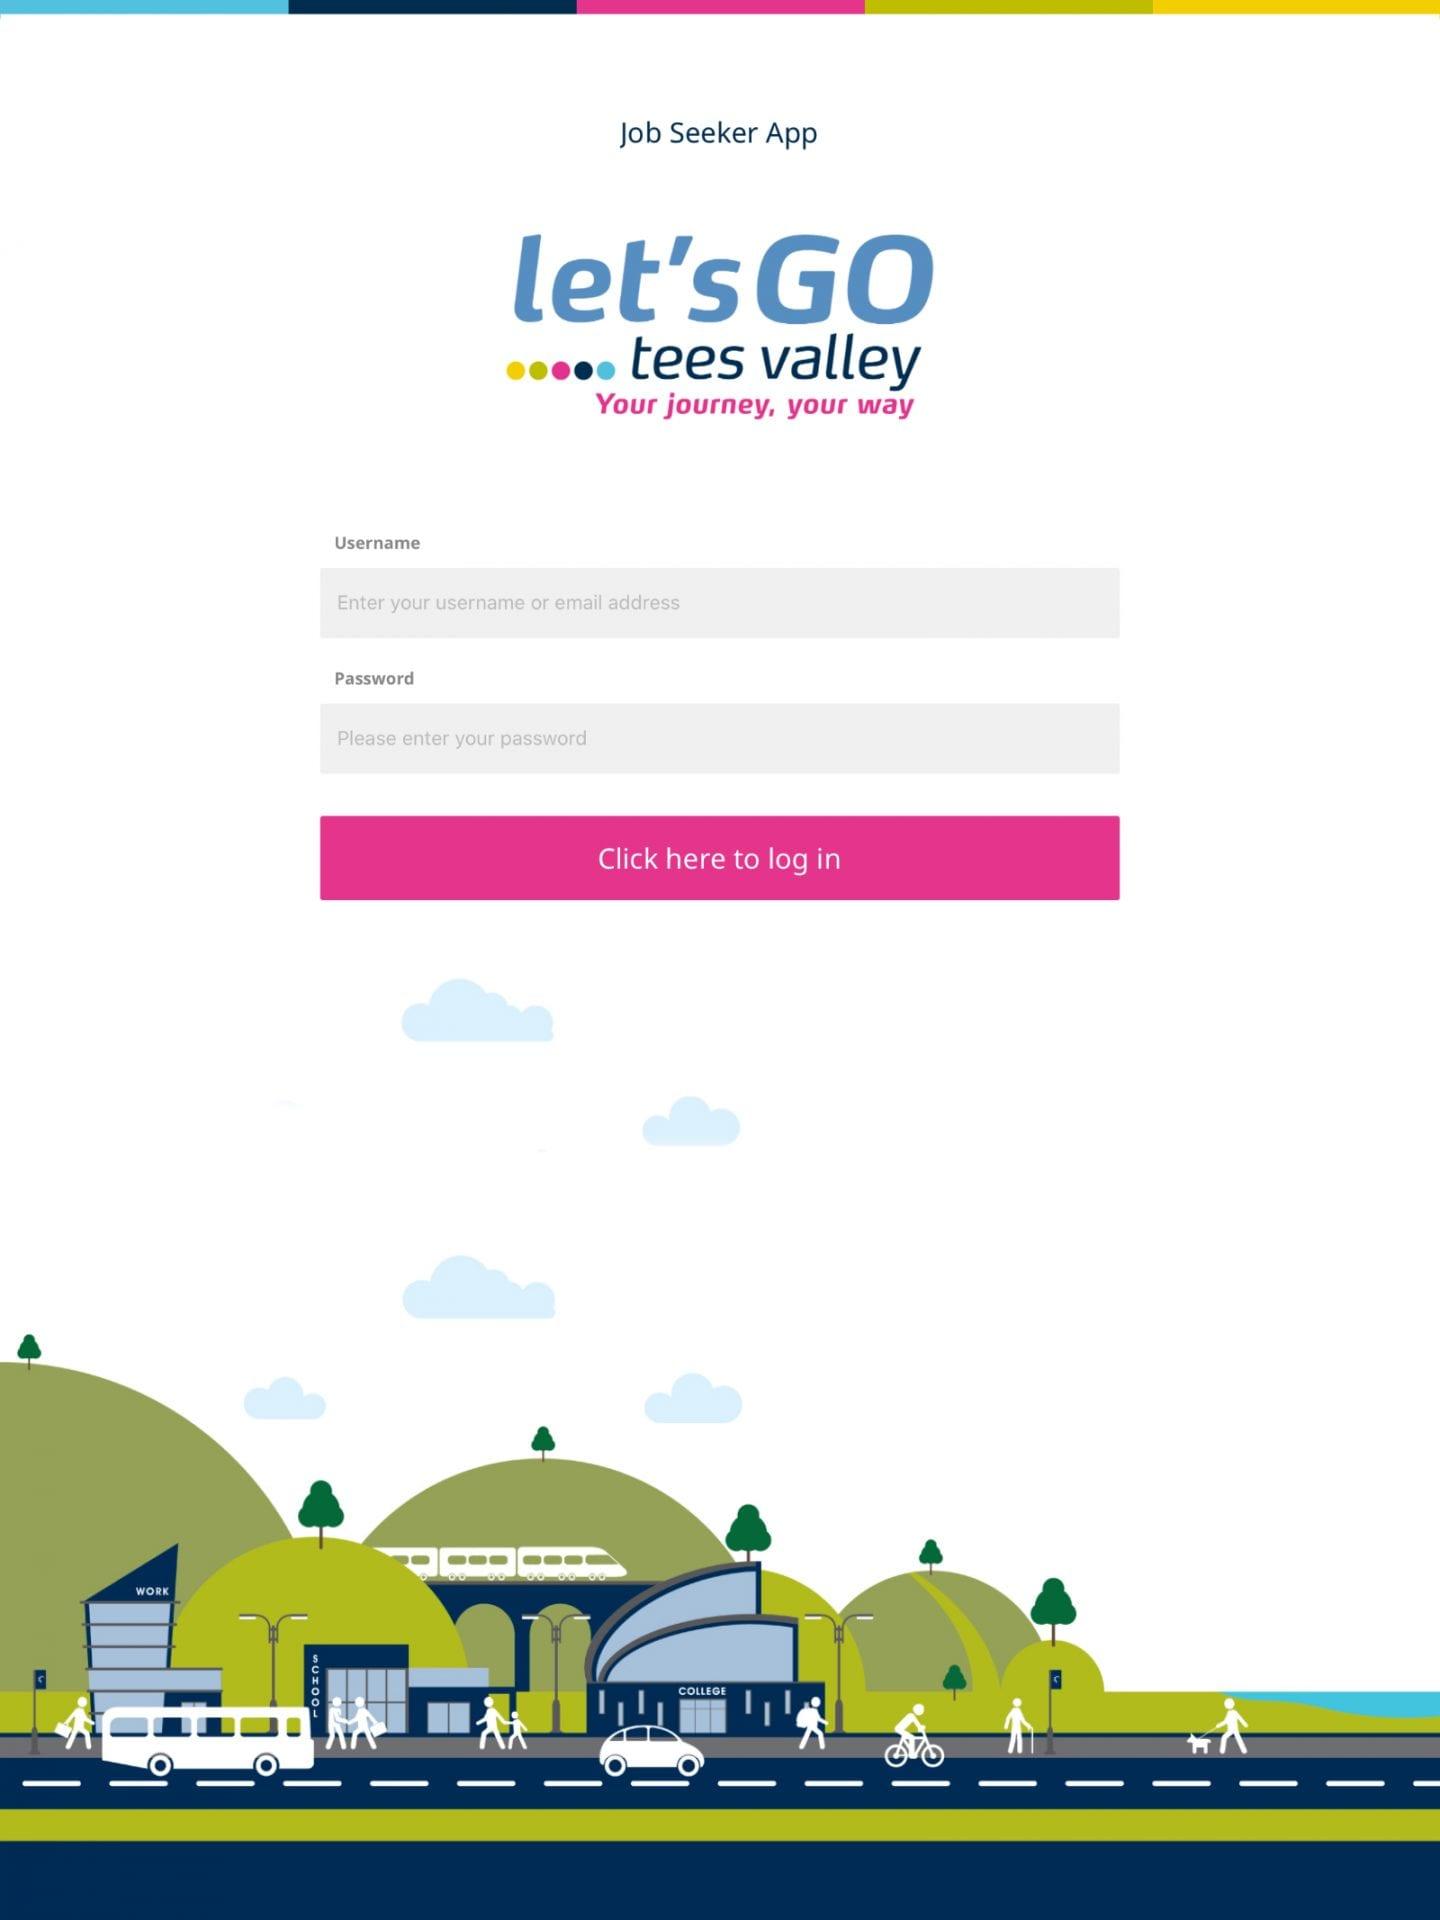 Let's Go Tees Valley - Job Seeker App